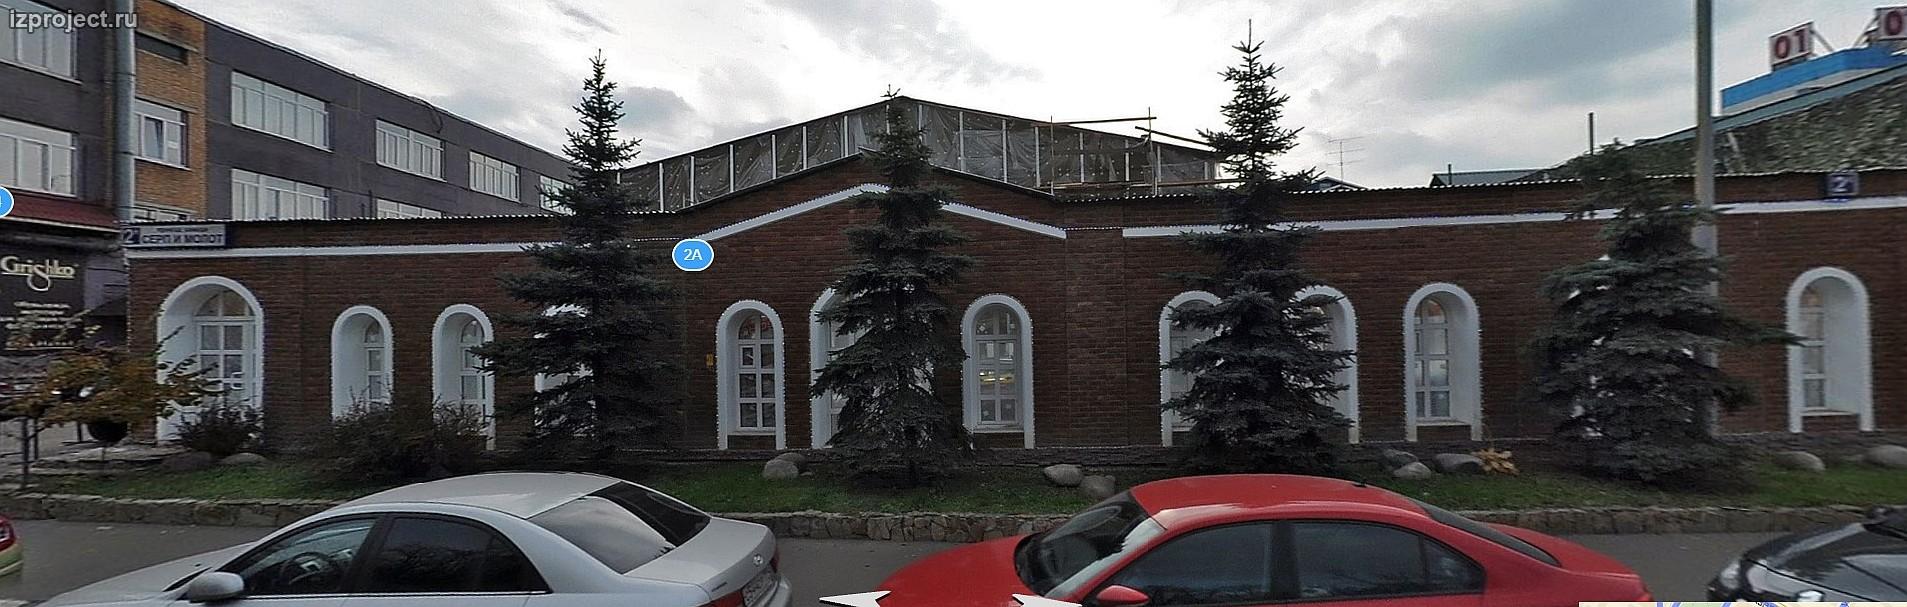 Проект реконструкции здания в Москве